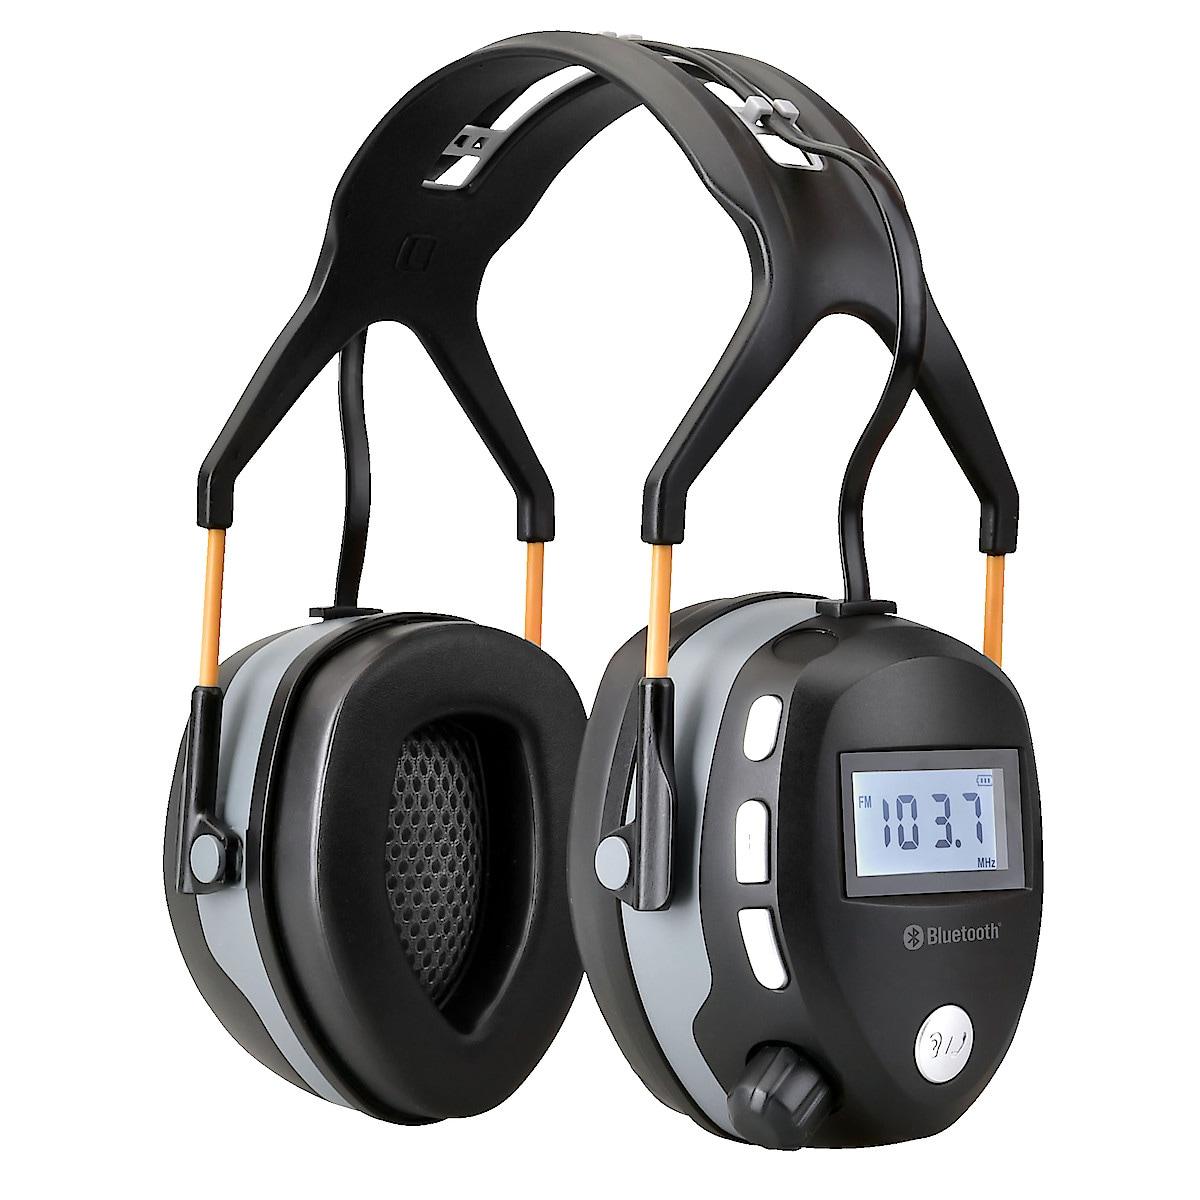 Kuulosuojaimet joissa Bluetooth ja radio